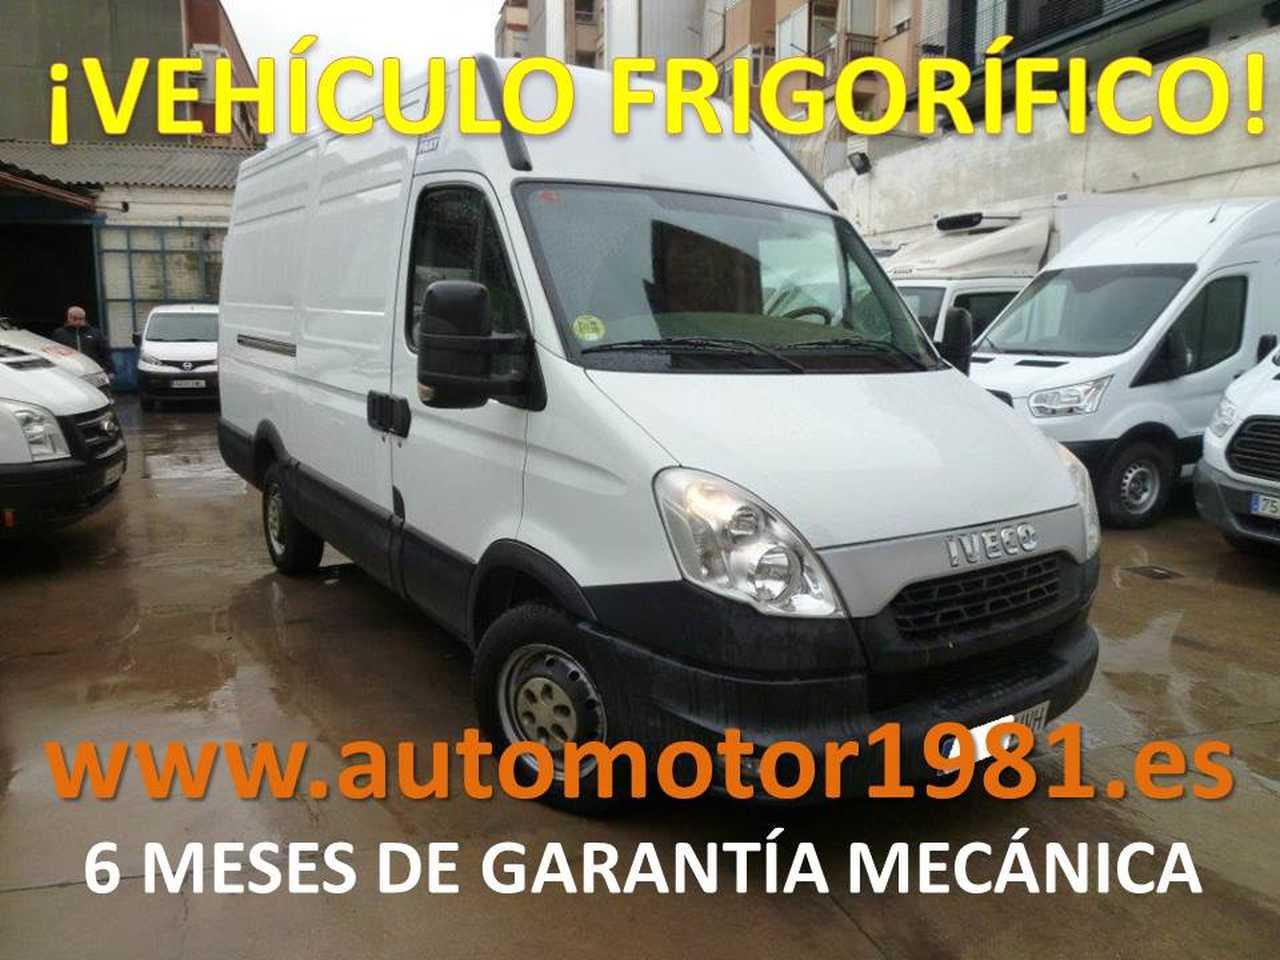 Iveco Daily 35 S 13 L3H2 FRIGORIFICO - 6 MESES GARANTIA MECANICA  - Foto 1